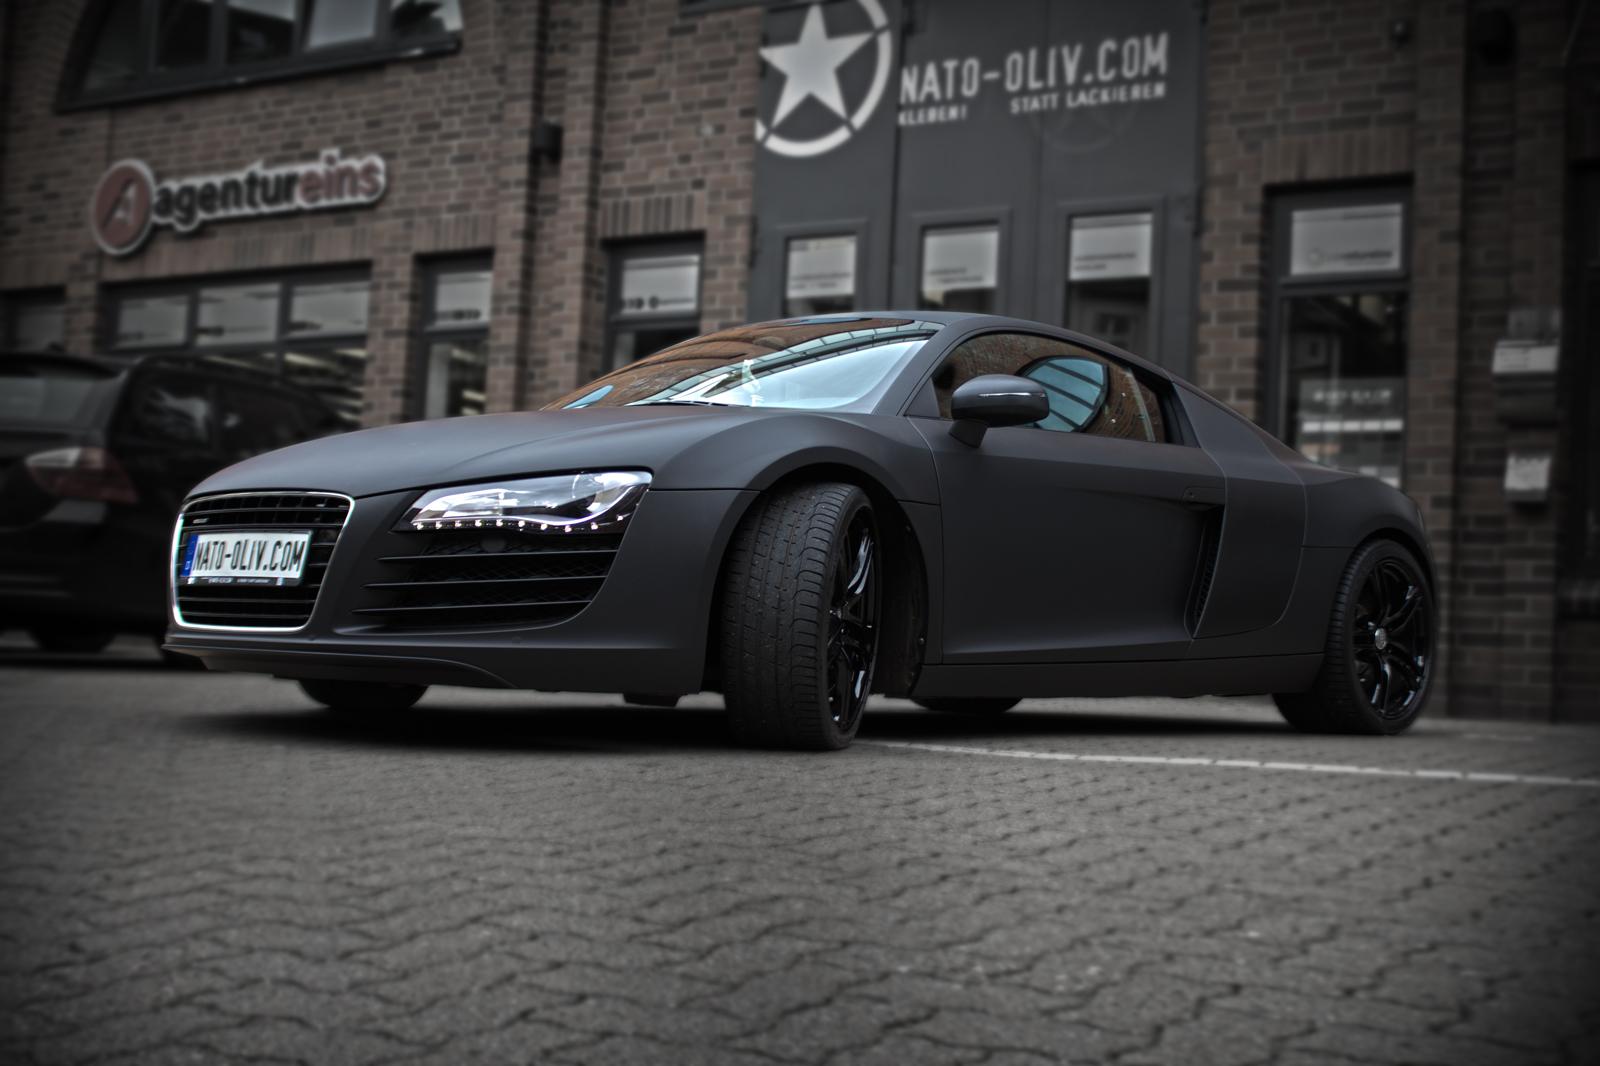 Dieser Audi R8 wurde komplett schwarz matt foliert und mit zusätzlichen carbon Extras versehen.